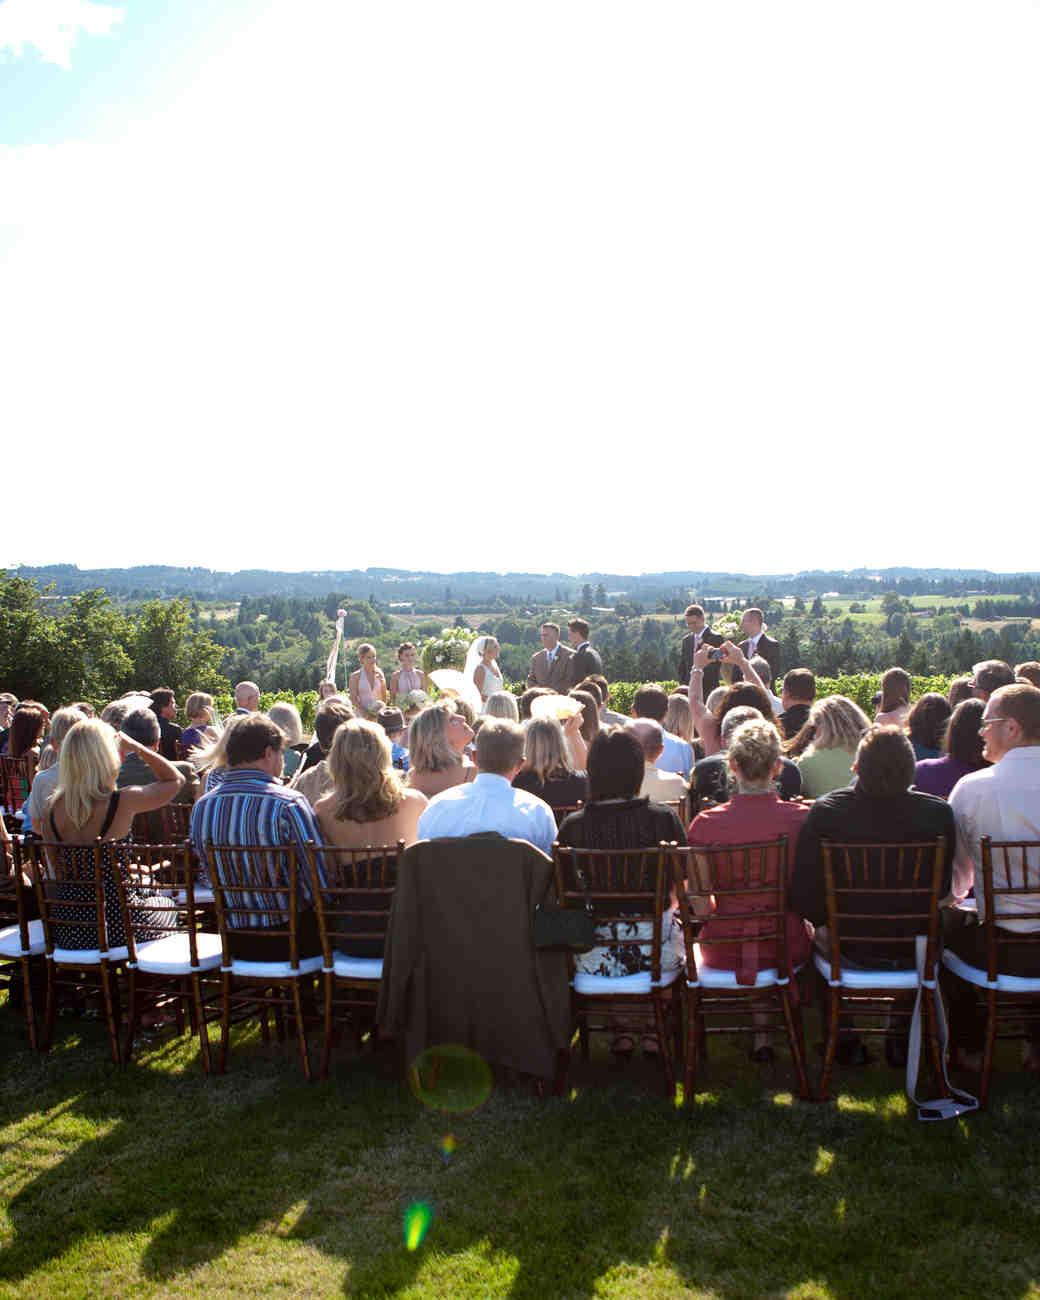 vineyard-wedding-venues-ponzi-vineyards-0714.jpg